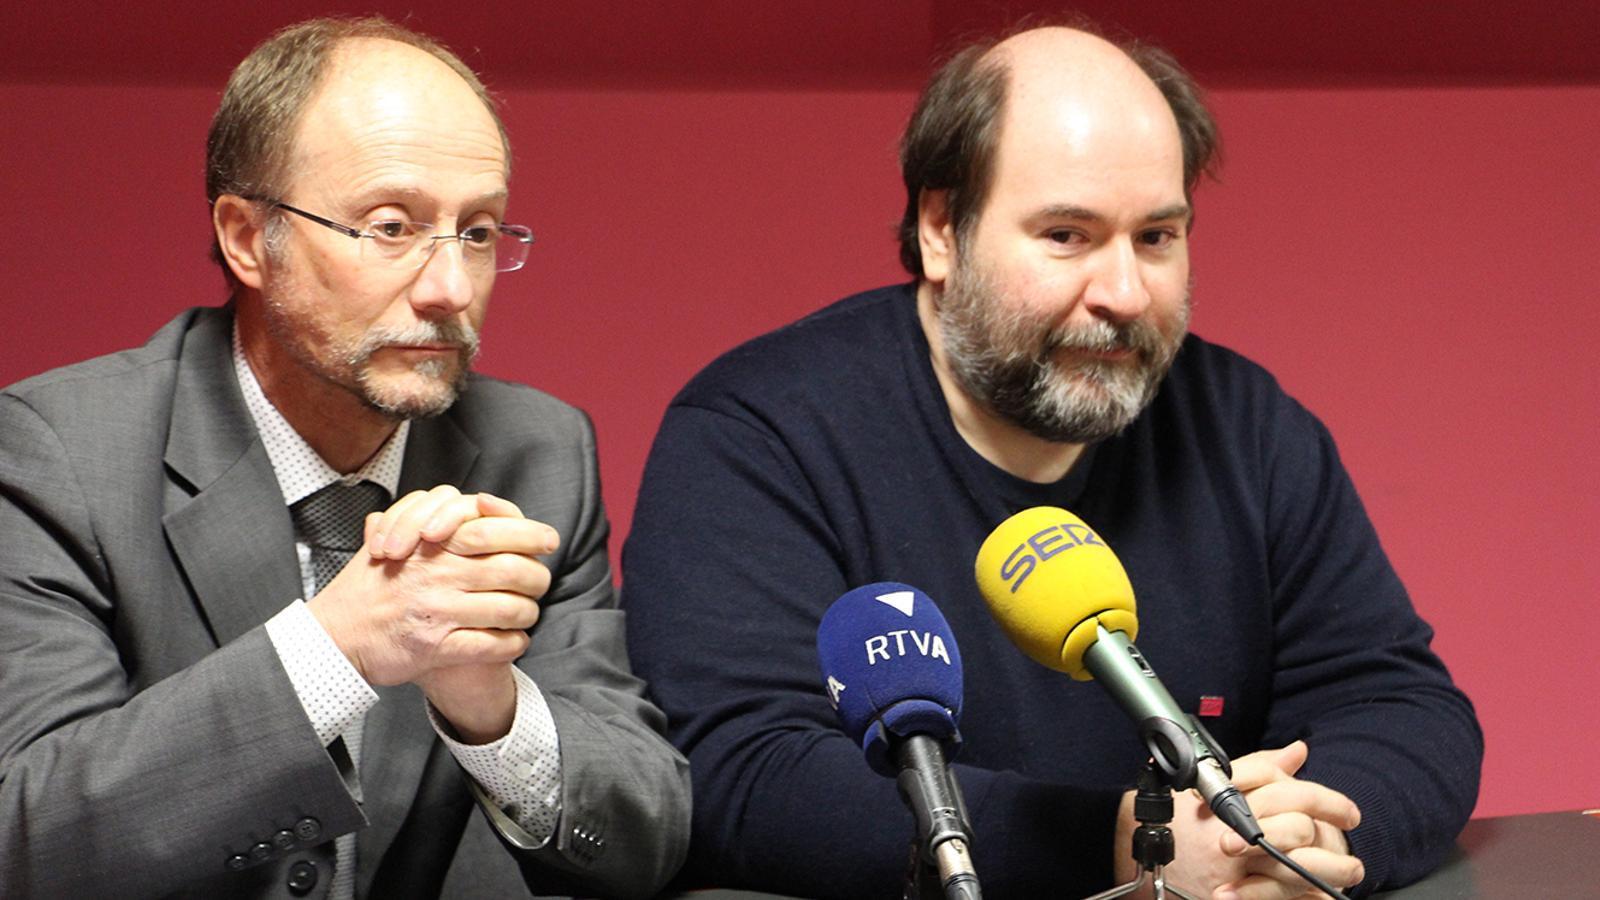 Víctor Naudi i Joan Marc Miralles en la roda de premsa d'aquest dimarts. / B. N.